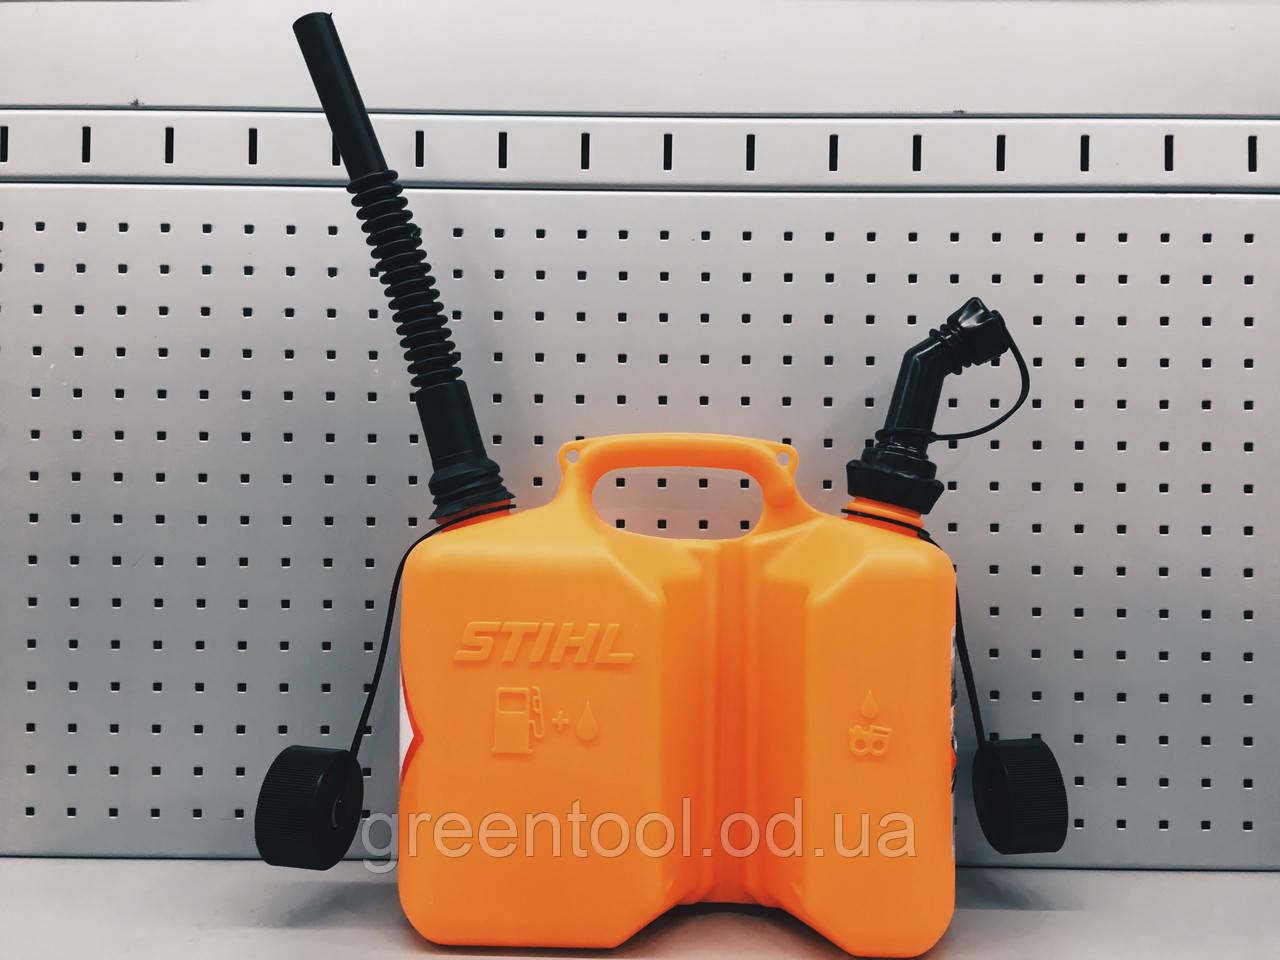 Профессиональная комбиканистра STIHL 3L+1,5L